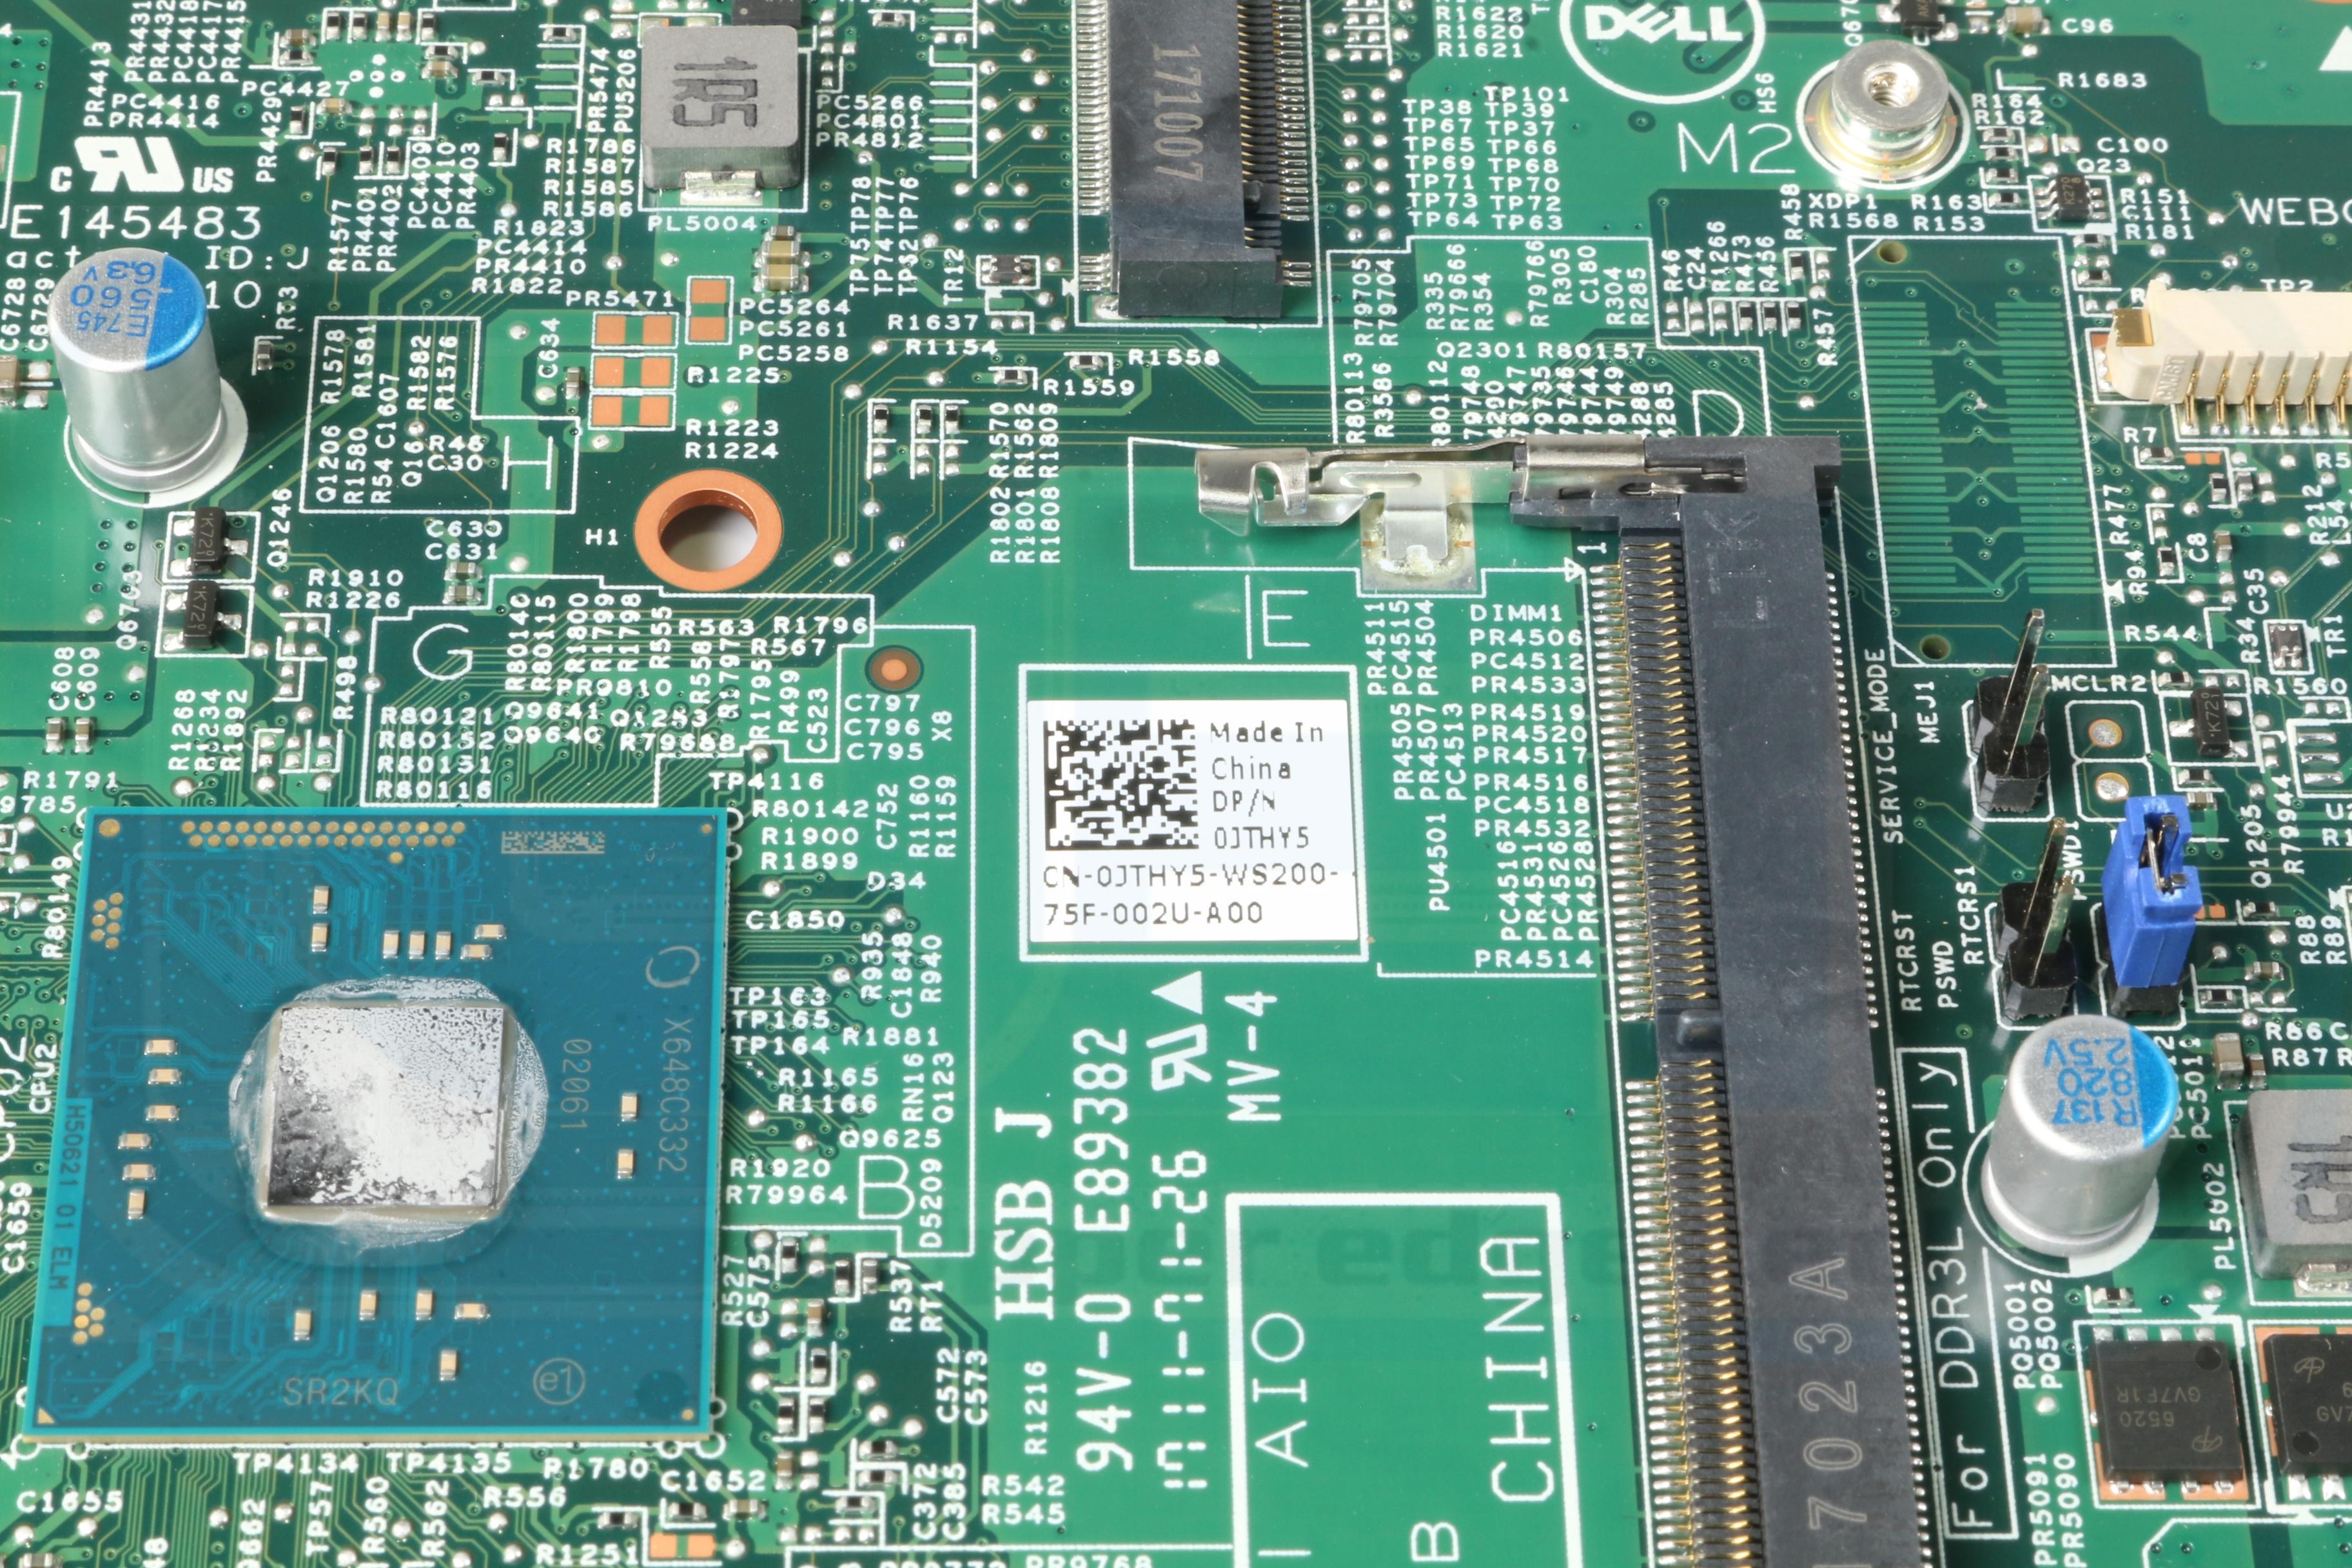 Dell Inspiron 20 3052 AIO Motherboard w// Intel Celeron N3150 1.6Ghz CPU W03YM